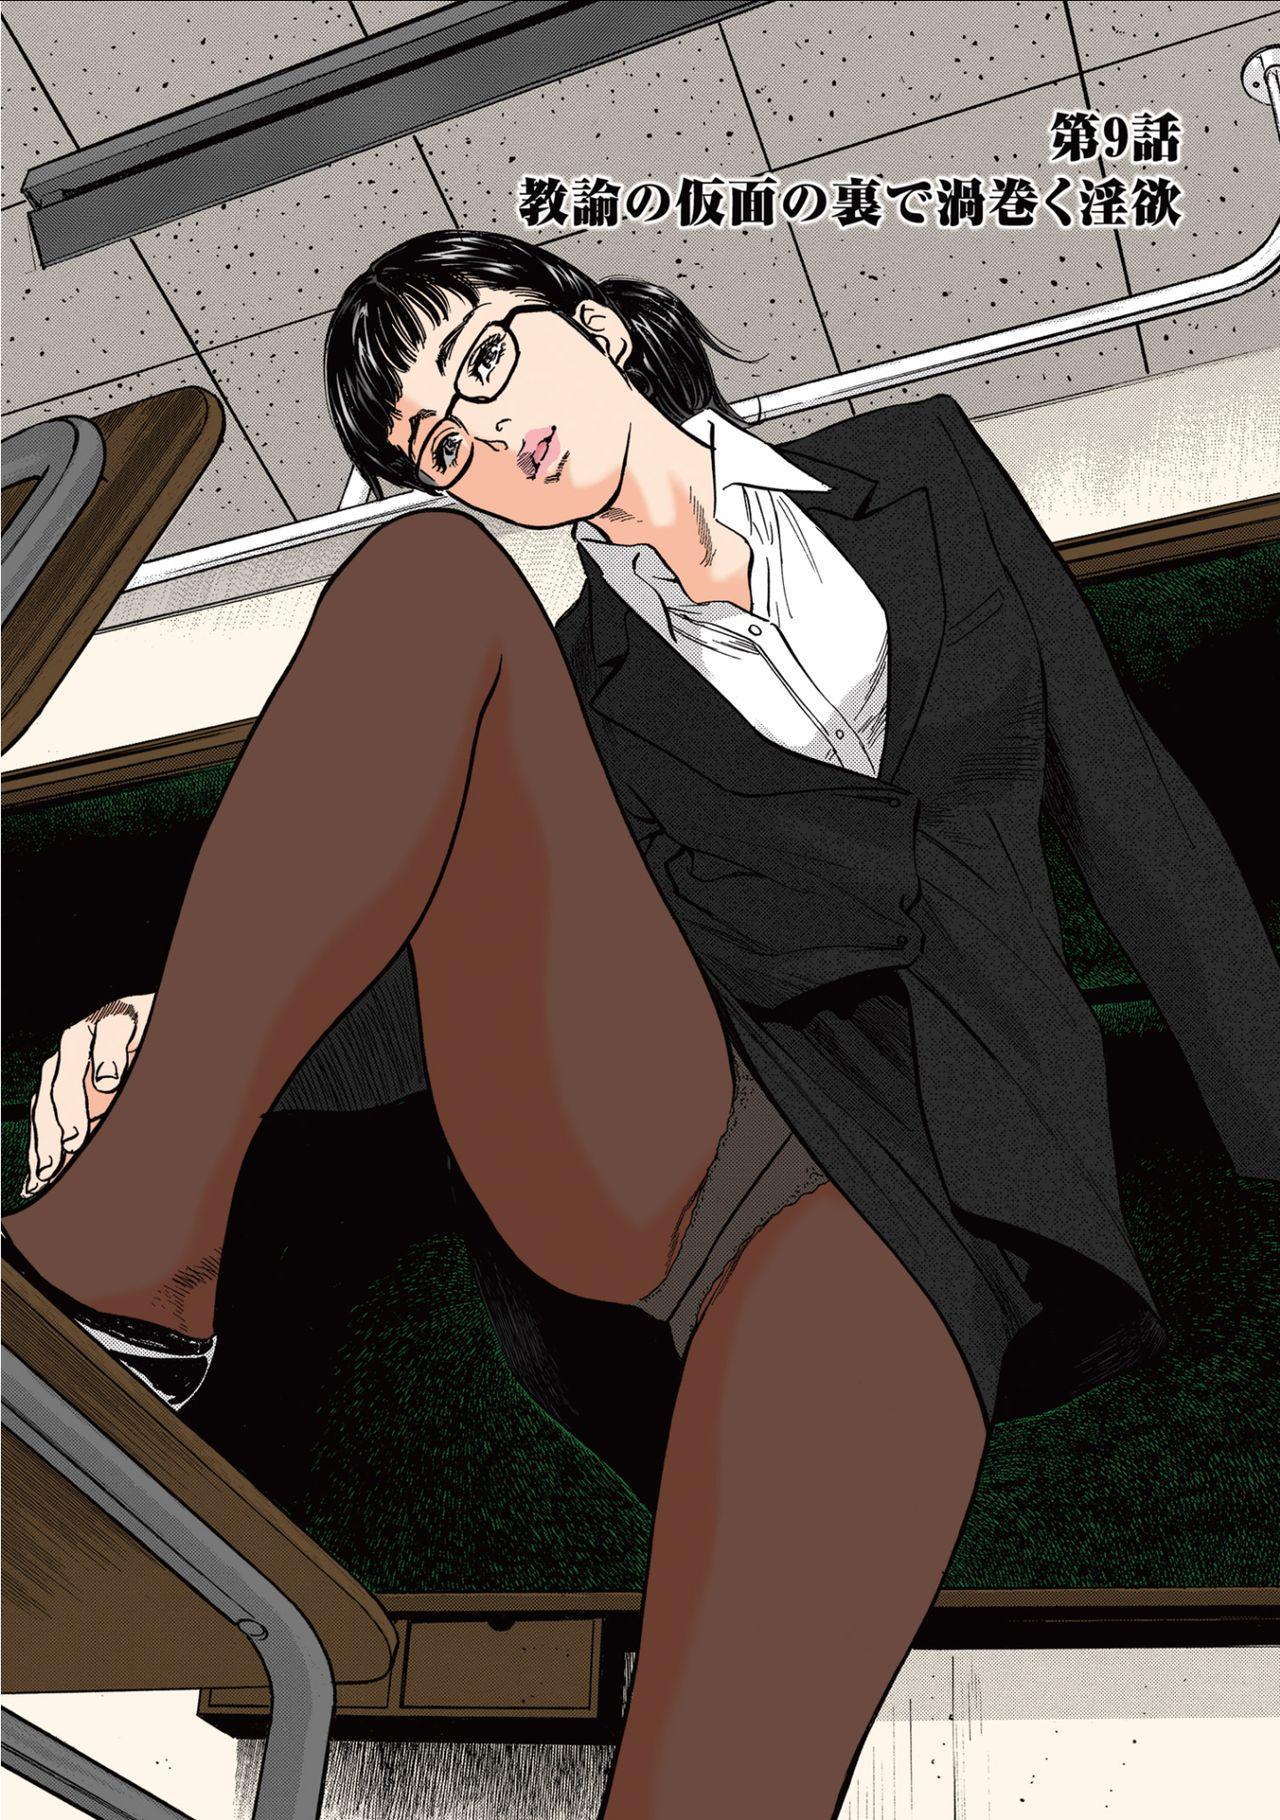 [Hazuki Kaoru] Hazuki Kaoru no Tamaranai Hanashi (Full Color Version) 1-2 36